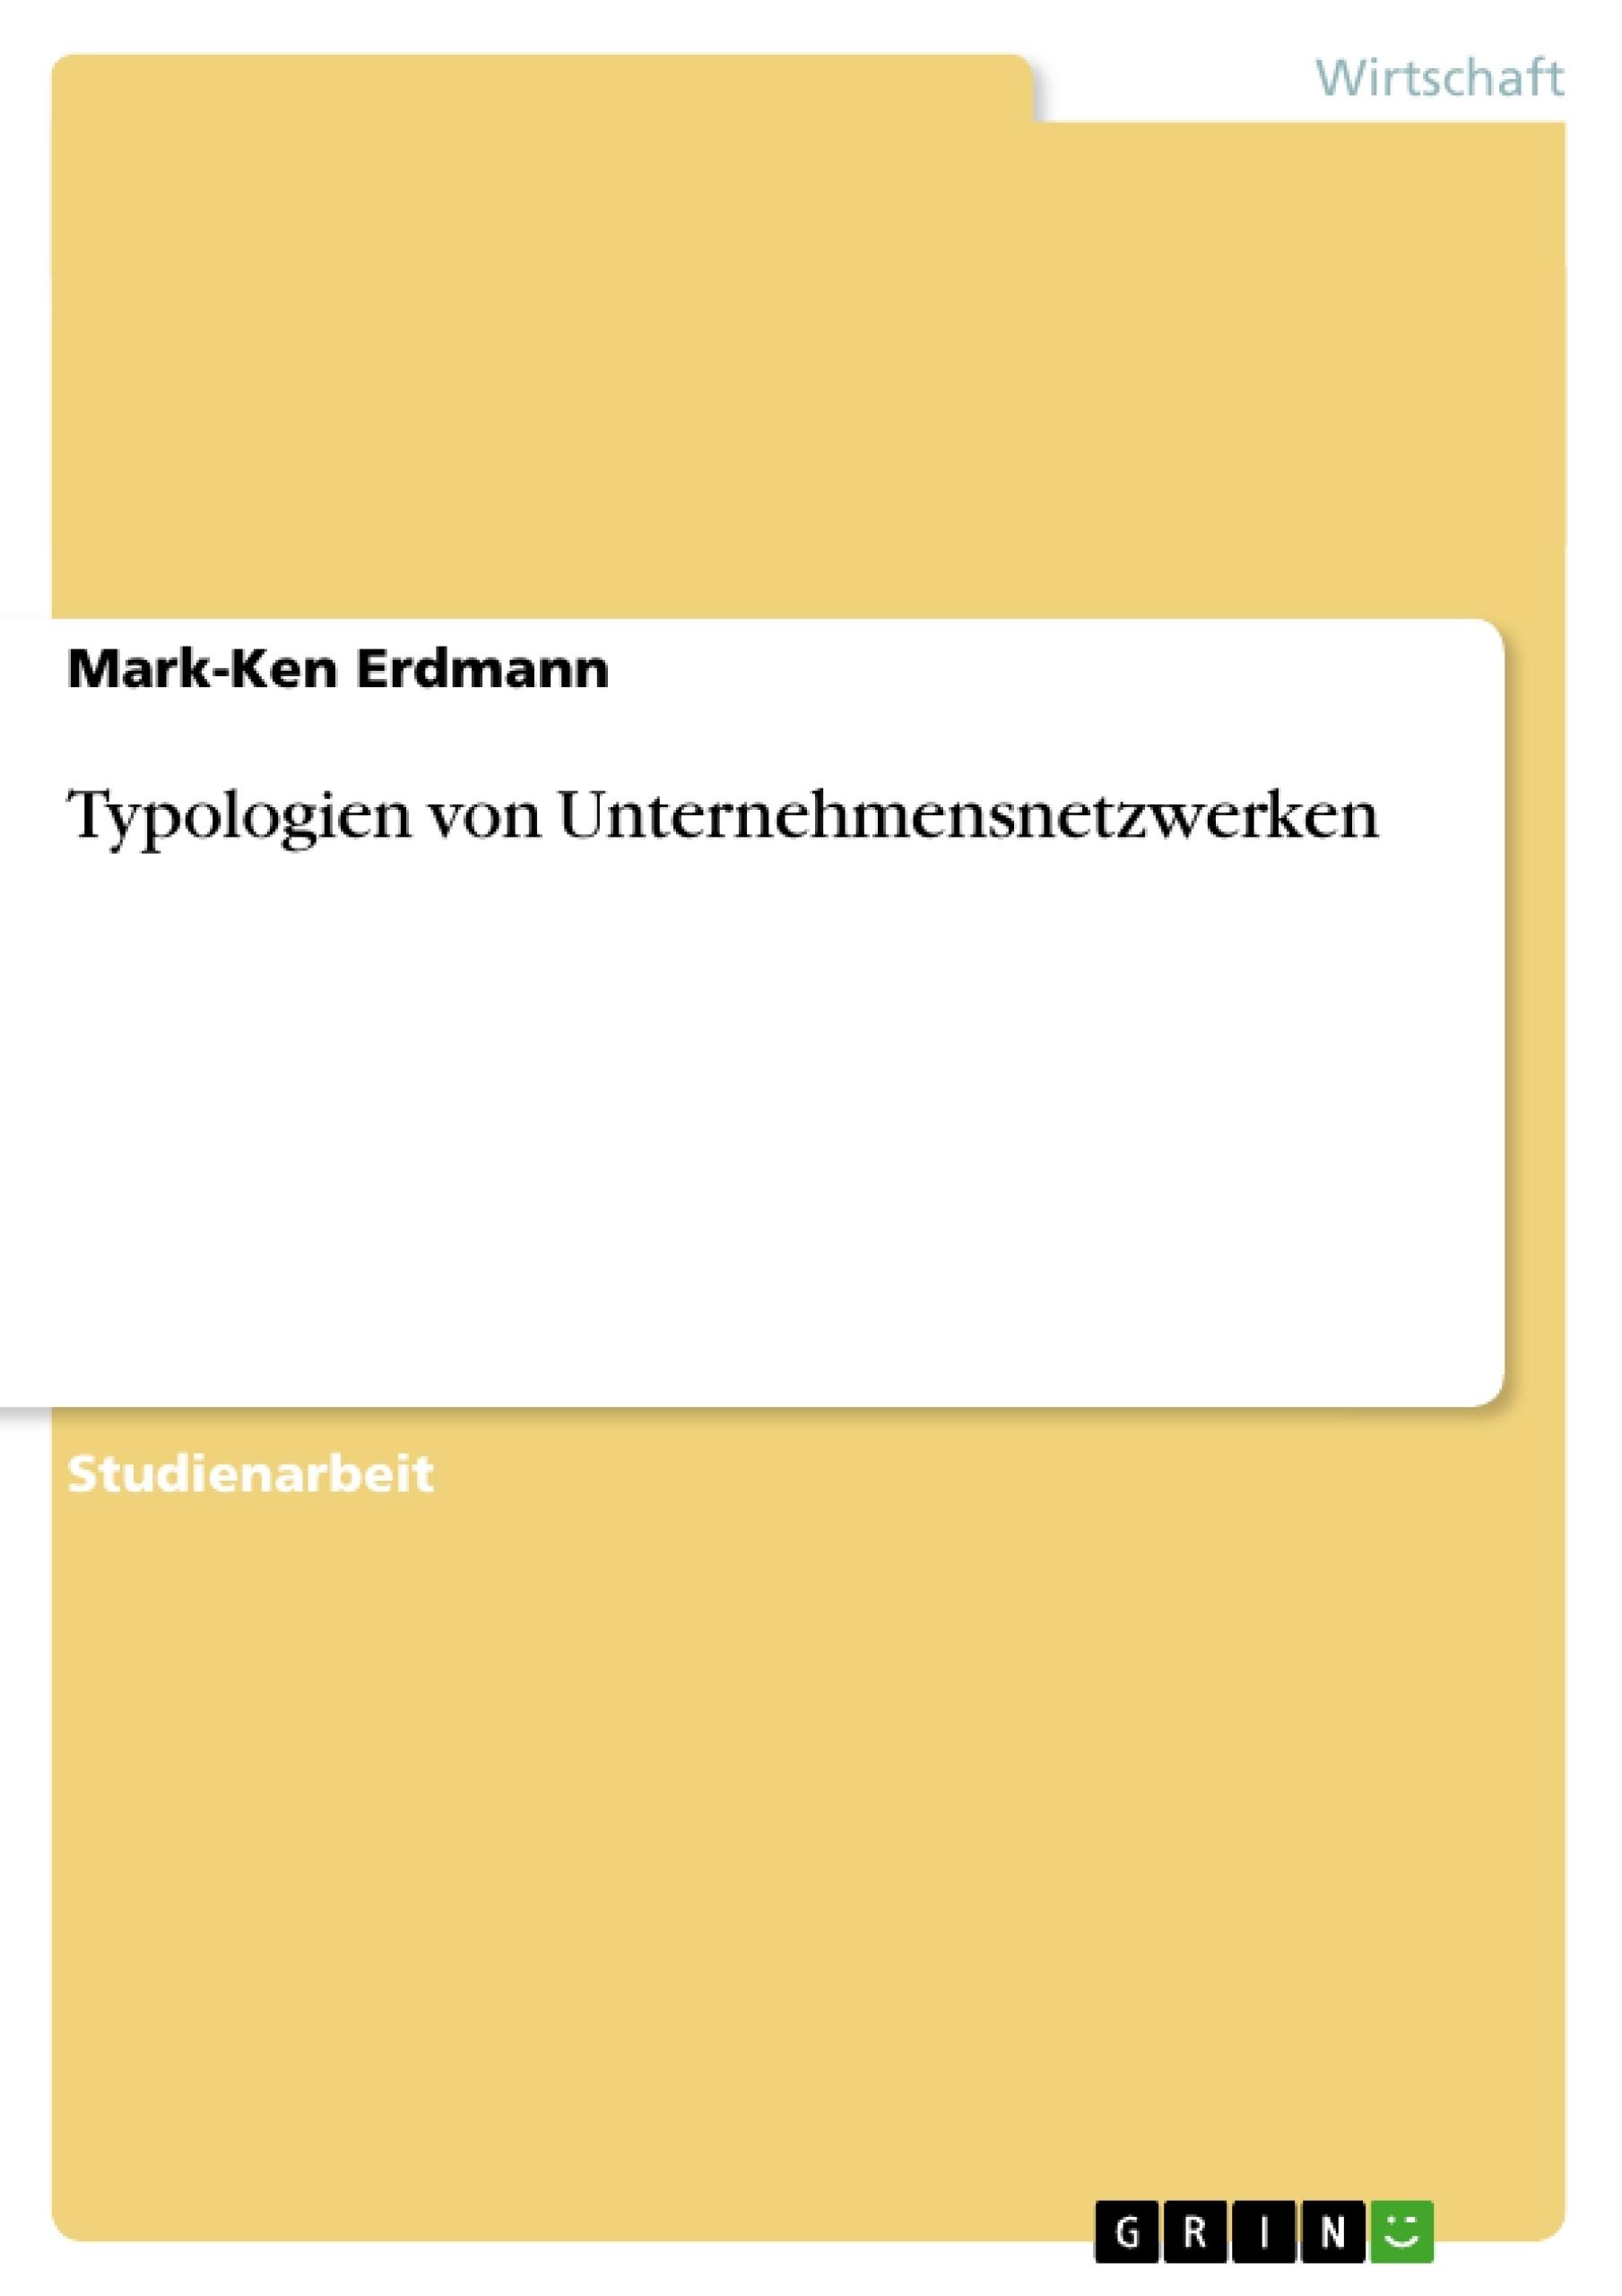 Titel: Typologien von Unternehmensnetzwerken